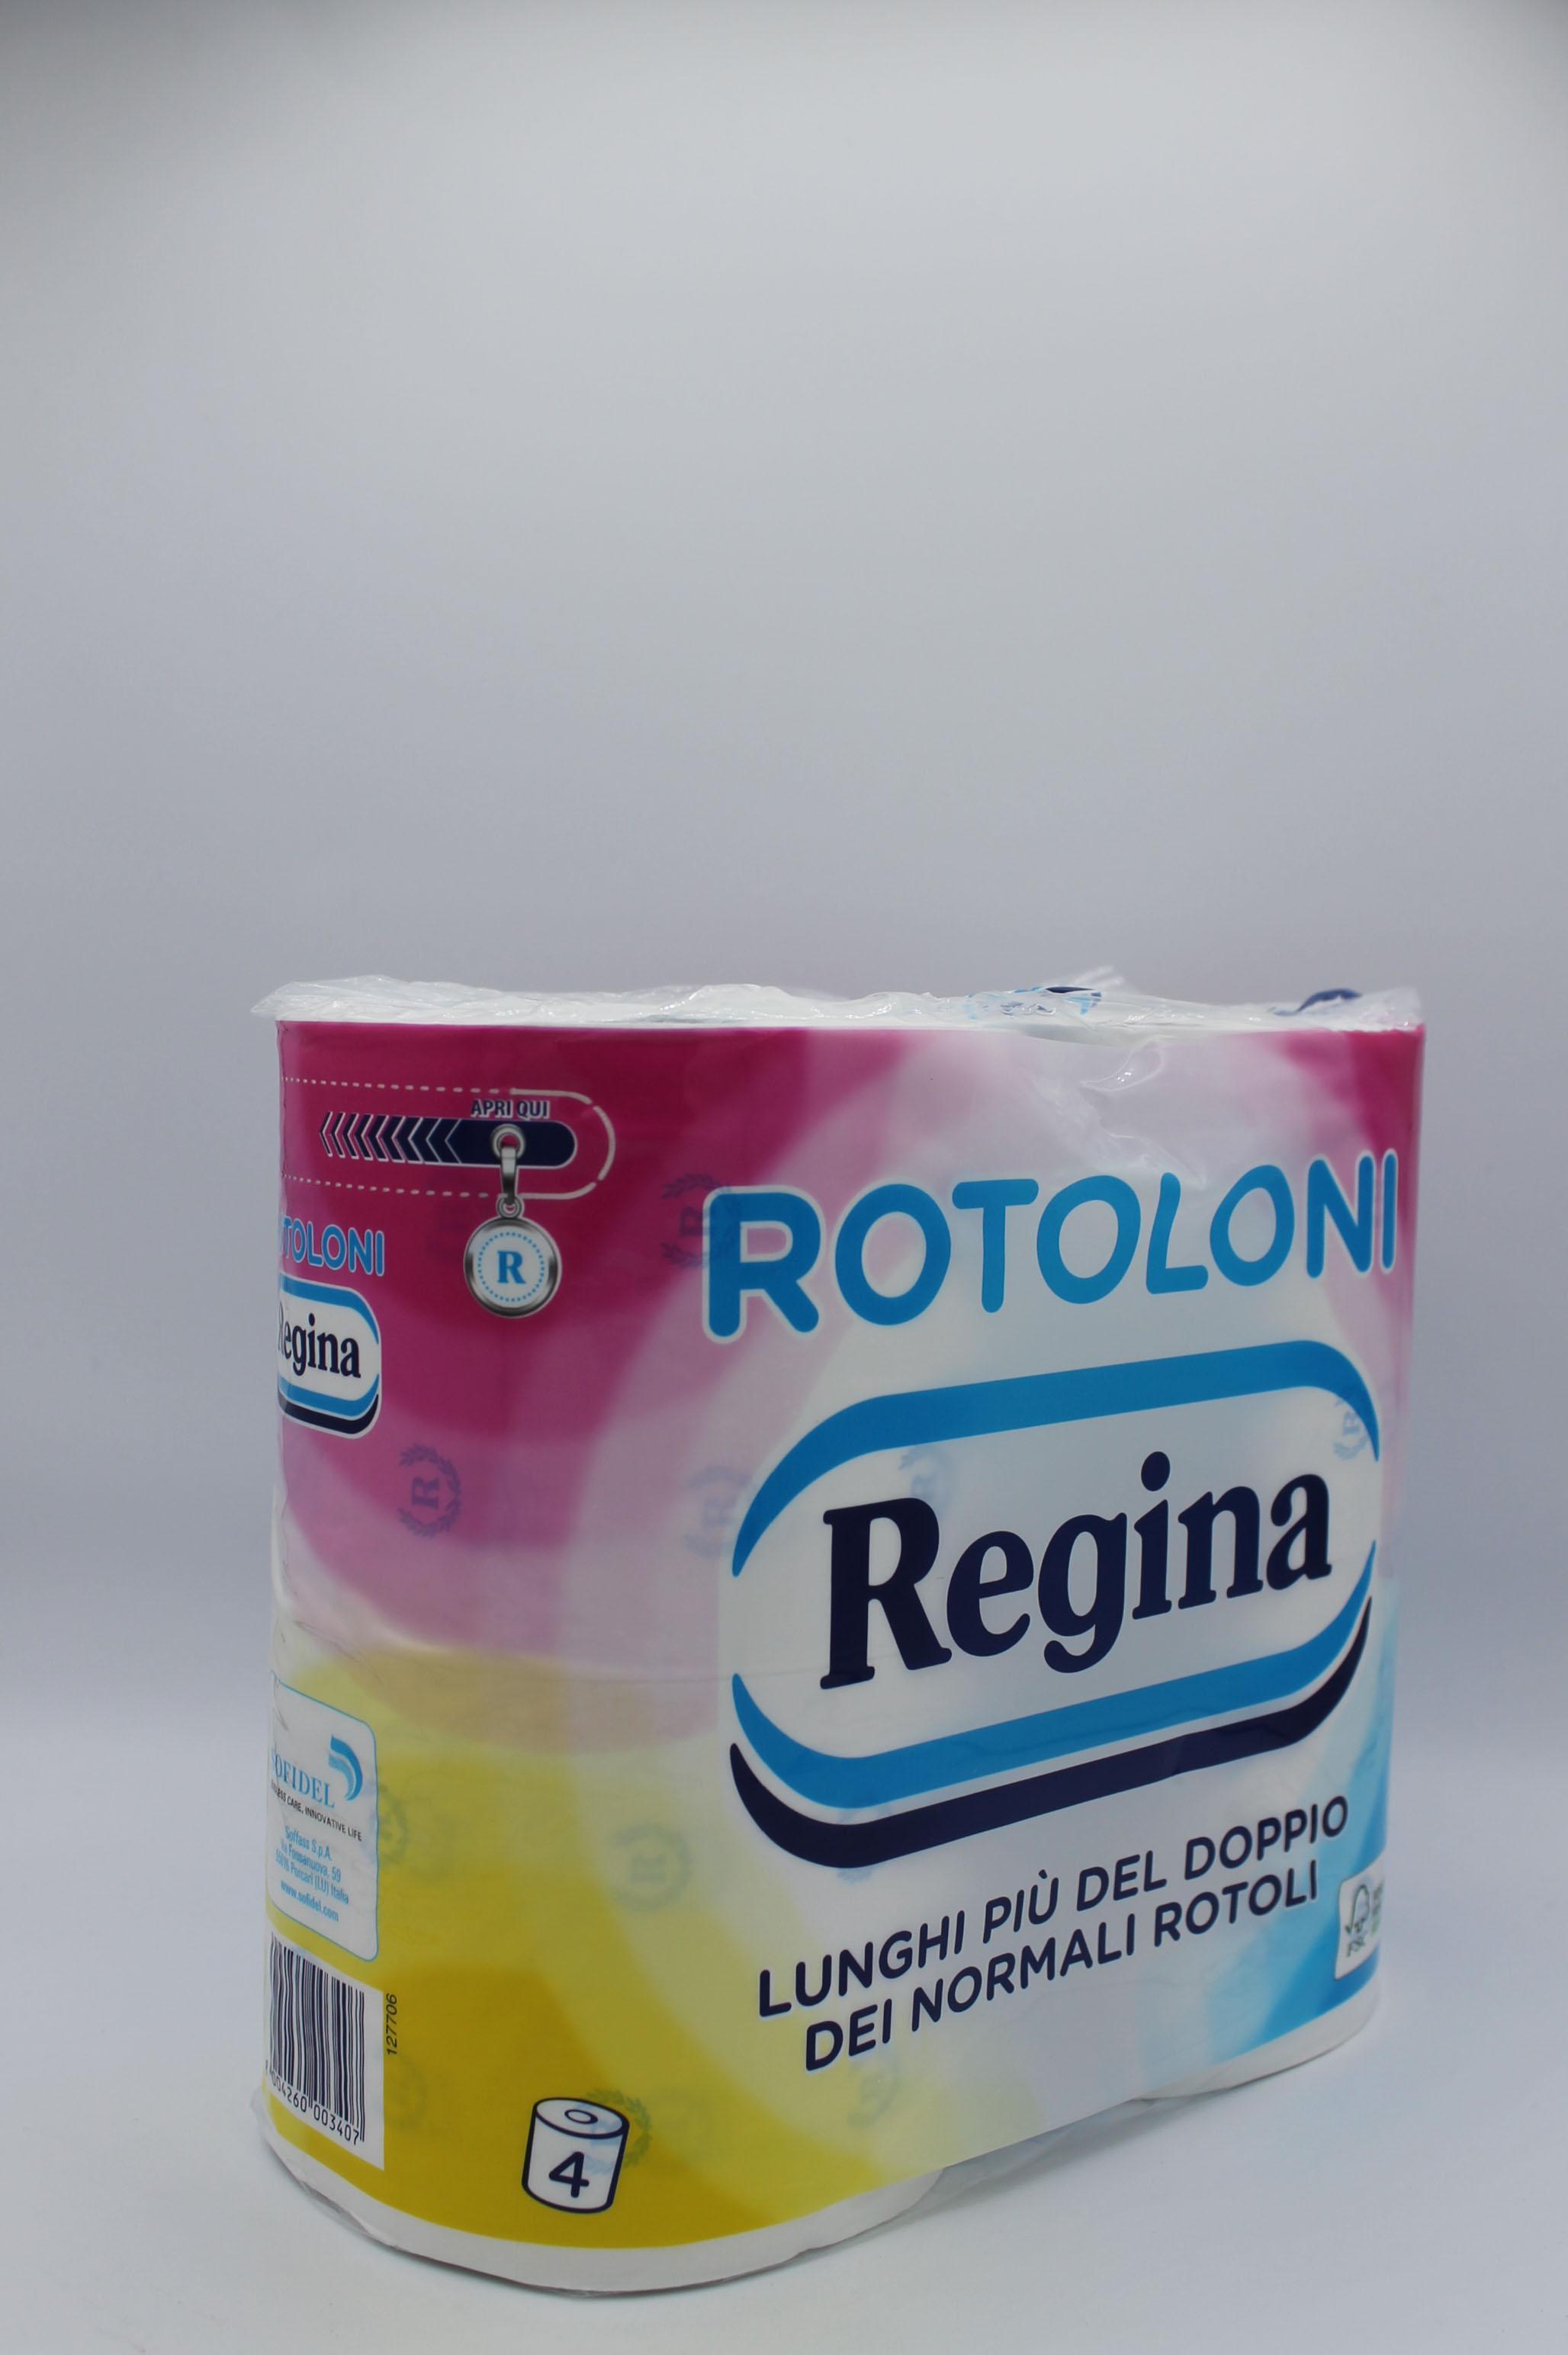 Rotoloni Regina 2 veli 500 strappi 4 rotoli.